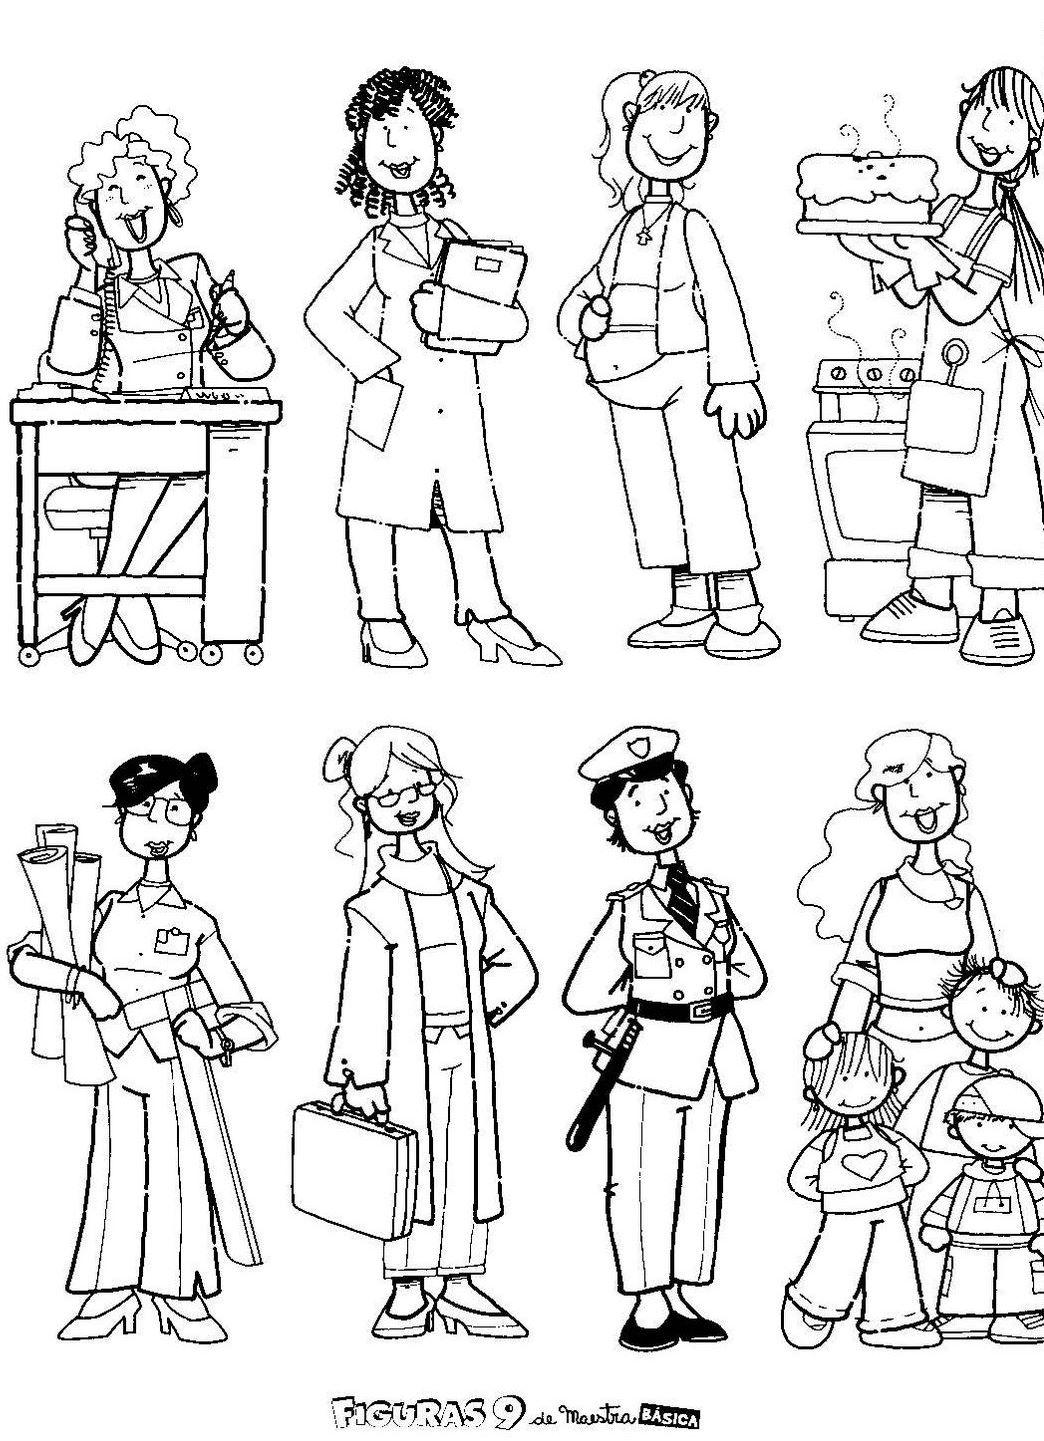 desenhos de mulheres para colorir